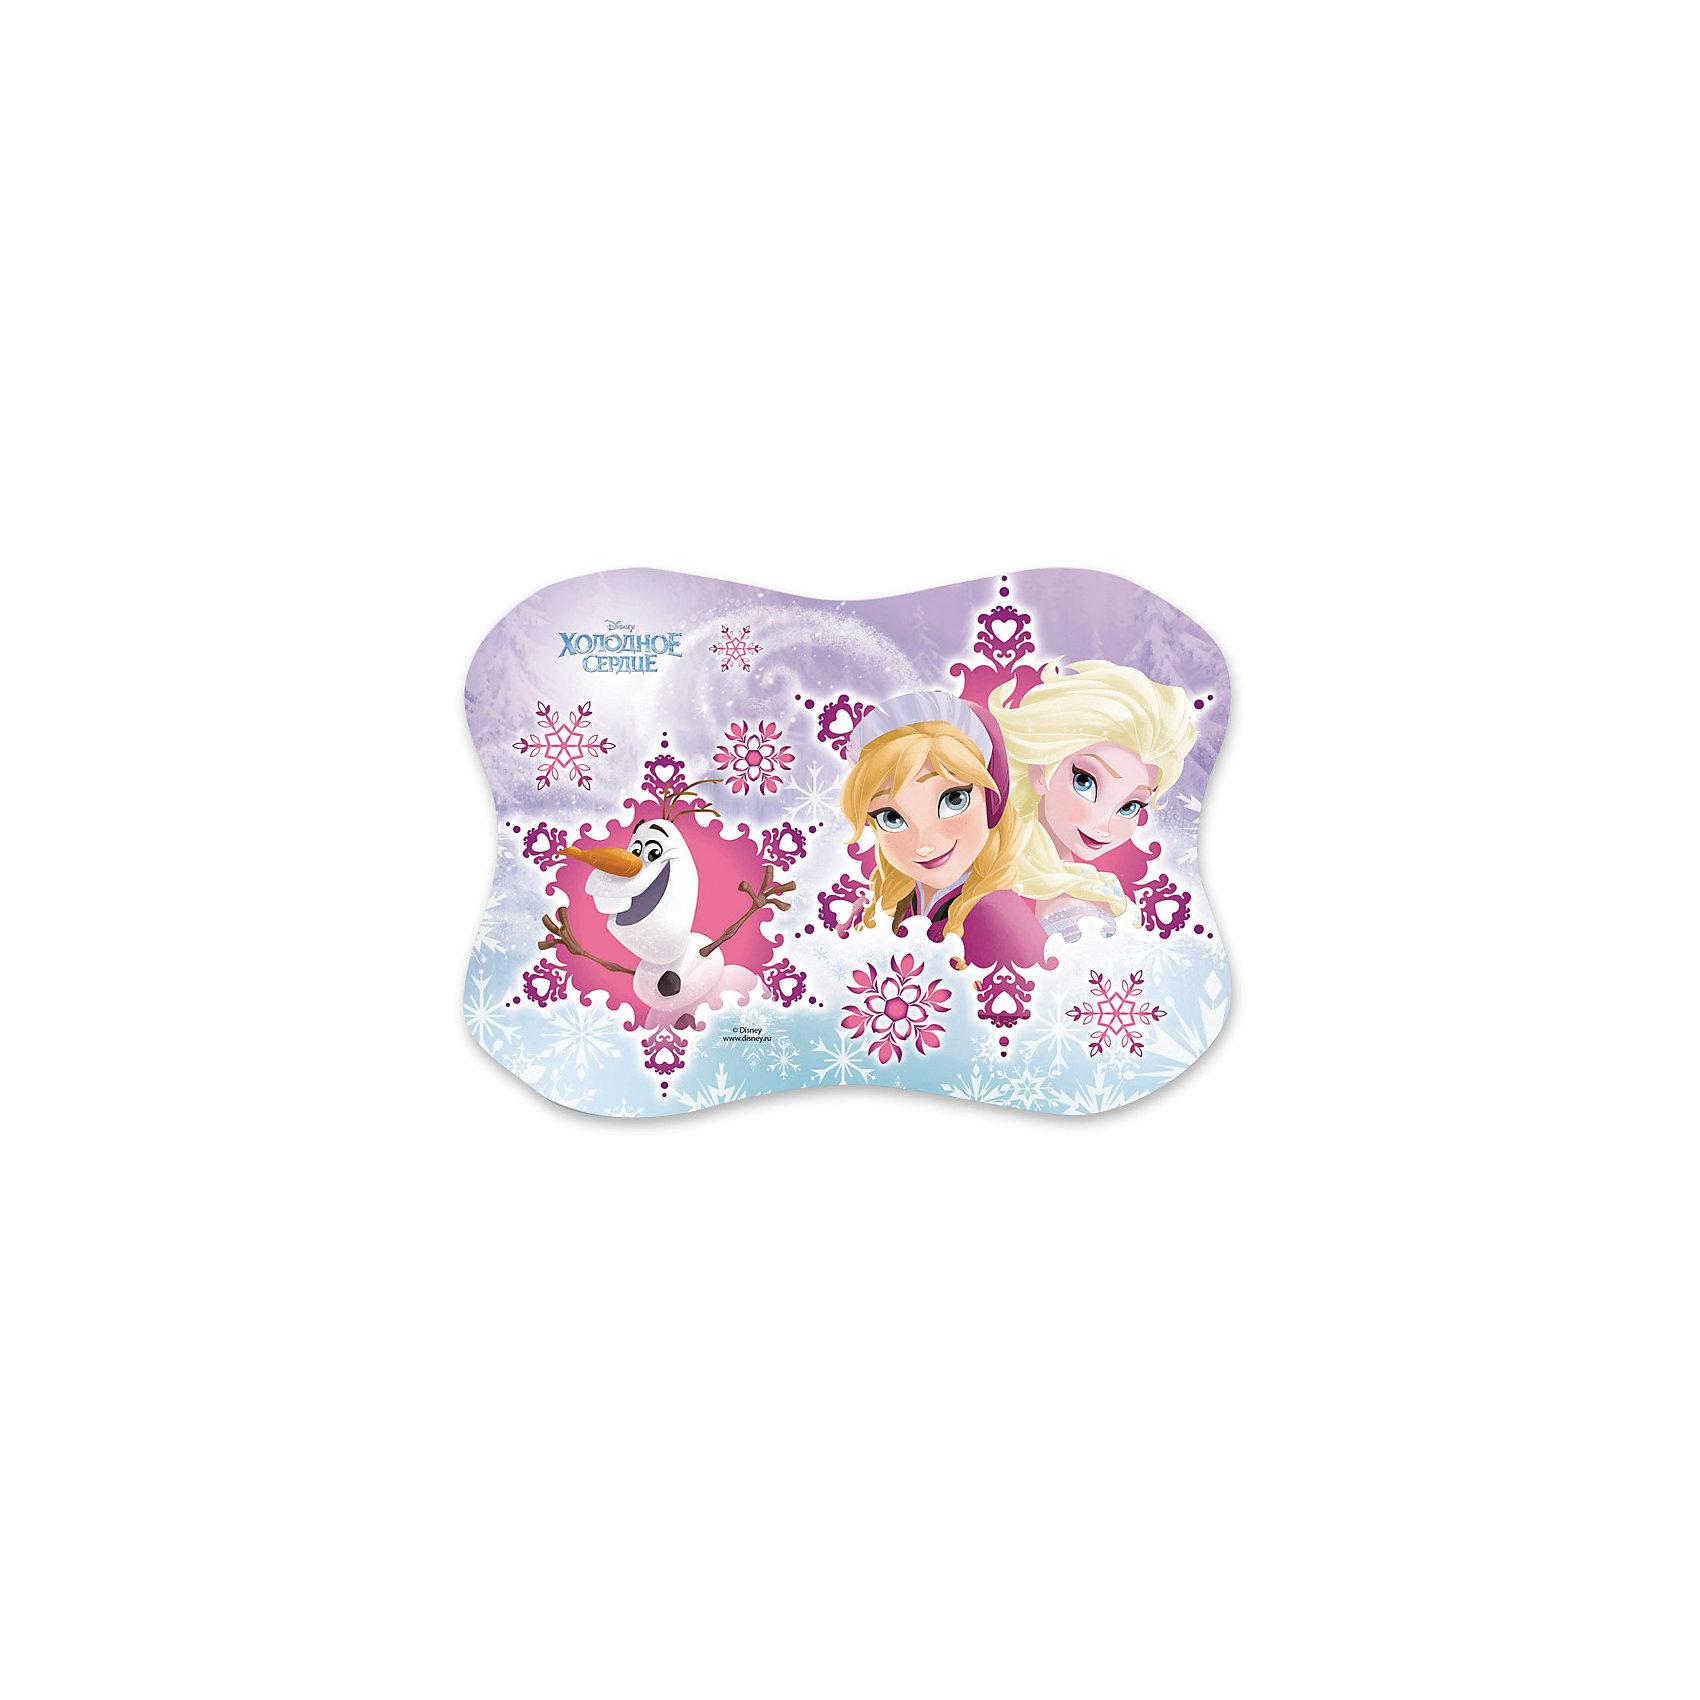 Подкладка настольная для лепки пластиковая Frozen, DisneyМебель<br>Характеристики настольной пластиковой подкладки для письма Frozen Disney :<br><br>• тип: подкладка настольная для письма, Disney<br>• возраст: от 3 лет<br>• вес: 53 г<br>• размеры: 15*21см.<br>• страна обладатель бренда: США<br>• страна изготовления: Россия<br><br>Фигурная настольная подкладка для лепки с трогательным лицензионным полноцветным дизайном Disney Frozen сделает творческий процесс приятнее для детей и родителей. Выполнена из 100% полипропилена. Размер 15*21см. Сделана в Санкт-Петербурге.<br><br>Настольную подкладку для письма торговой марки Disney можно купить в нашем интернет-магазине.<br><br>Ширина мм: 210<br>Глубина мм: 10<br>Высота мм: 150<br>Вес г: 16<br>Возраст от месяцев: 48<br>Возраст до месяцев: 96<br>Пол: Женский<br>Возраст: Детский<br>SKU: 5475491